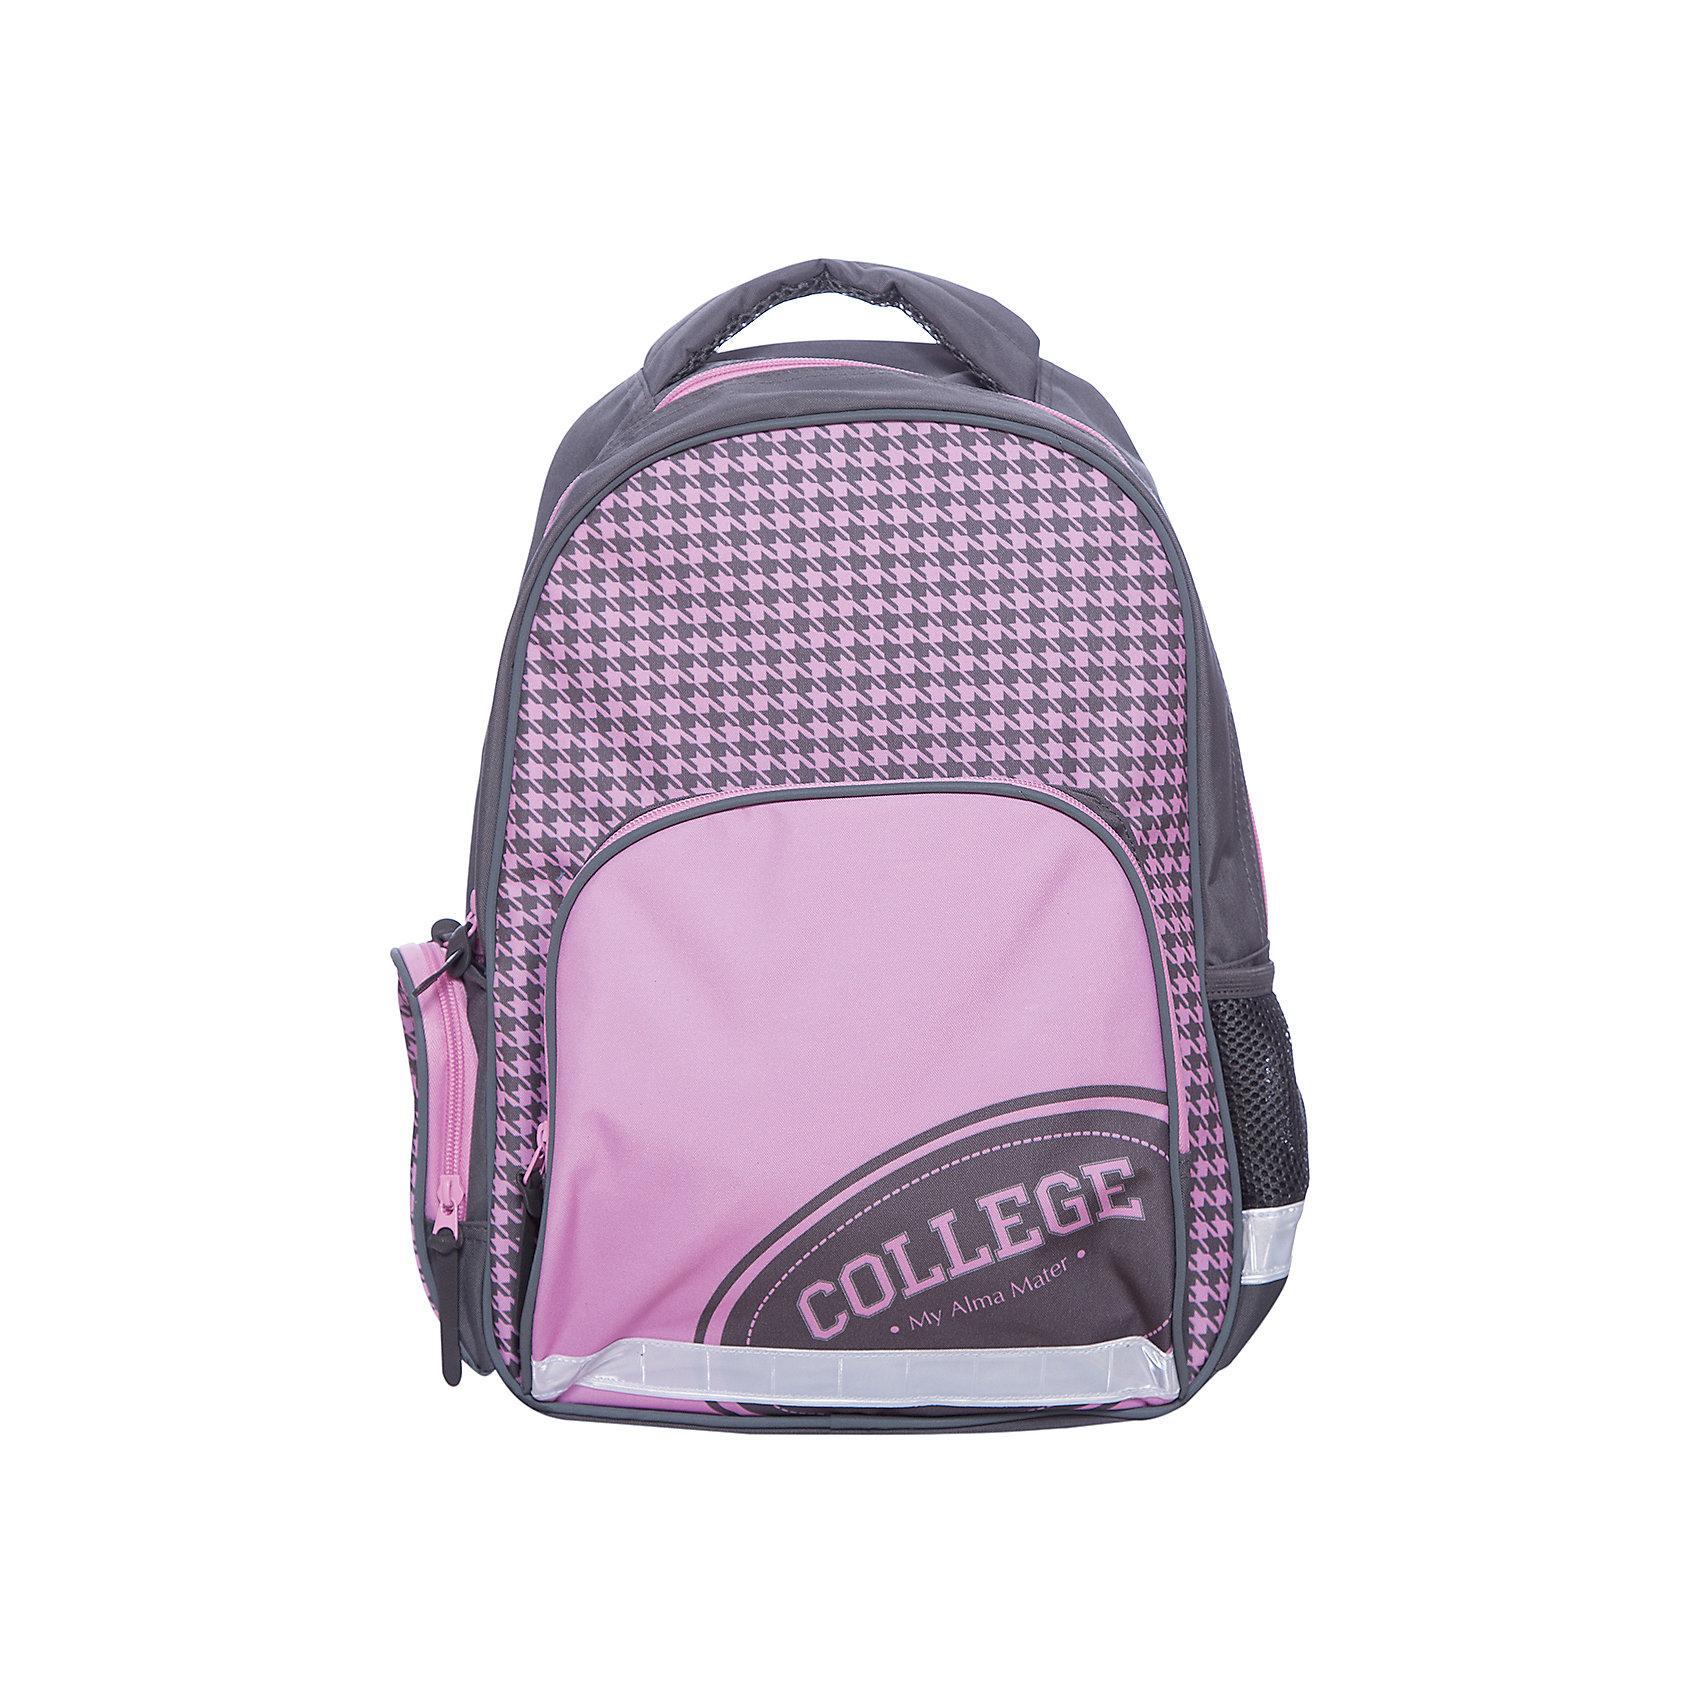 Рюкзак школьный КолледжФеникс+Рюкзаки<br>Рюкзак школьный КОЛЛЕДЖ (36x29x13см, полиэстер, уплотнен. спинка и дно, светоотраж. элементы, сублимация, 1 фронт. и 2 бок. кармана, карабин д/ключей, индивид. ПЭТ-упак.)<br><br>Ширина мм: 440<br>Глубина мм: 340<br>Высота мм: 70<br>Вес г: 505<br>Возраст от месяцев: 72<br>Возраст до месяцев: 2147483647<br>Пол: Унисекс<br>Возраст: Детский<br>SKU: 7046430